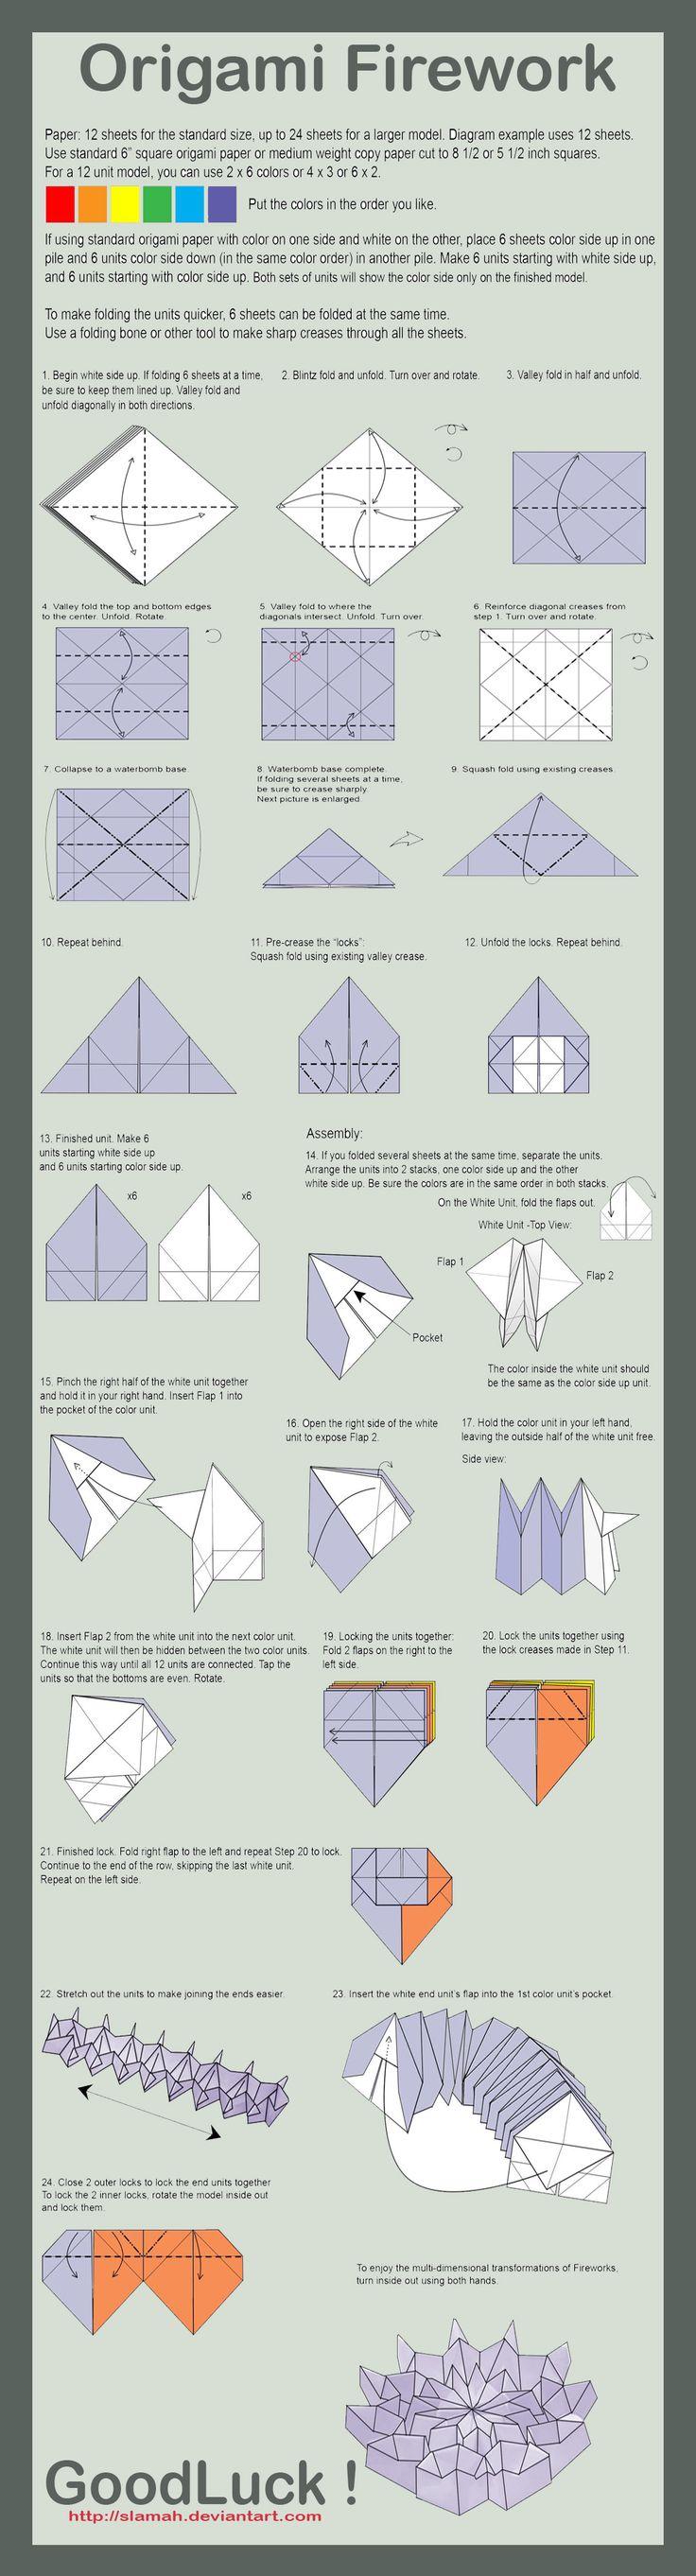 Origami Firework Folding Instructions | Origami Instruction